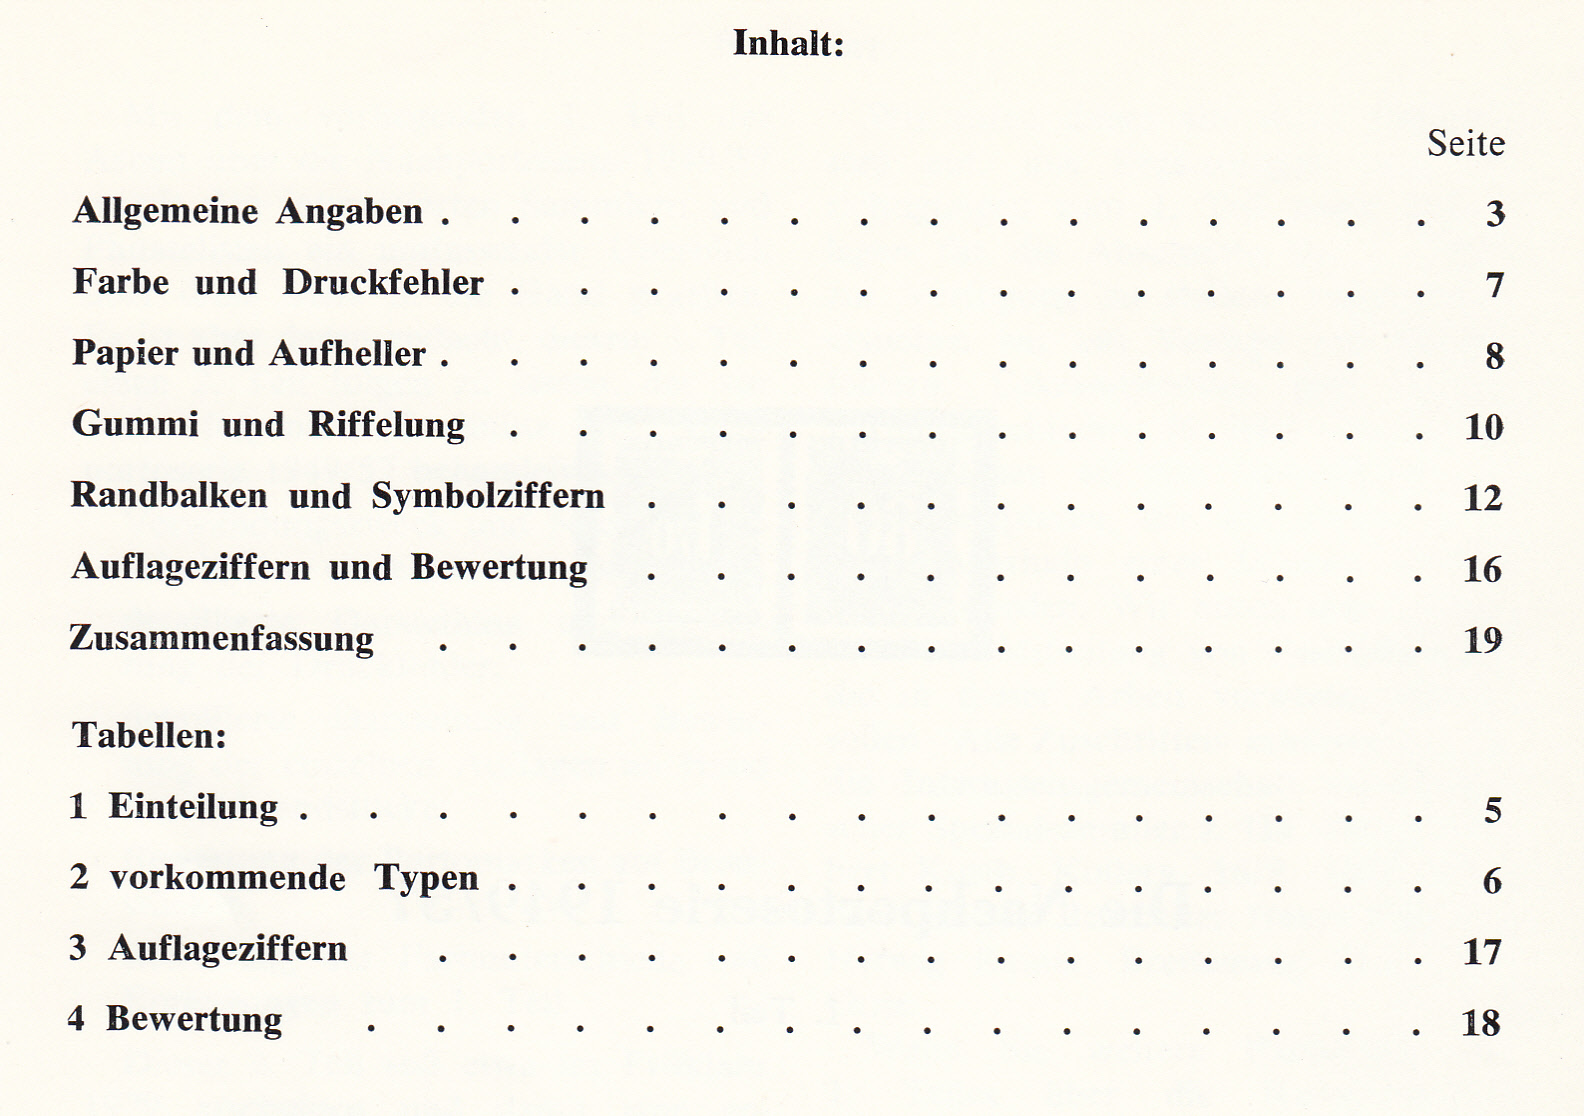 literatur - Literatur zu österreichischen Portomarken Img_0246